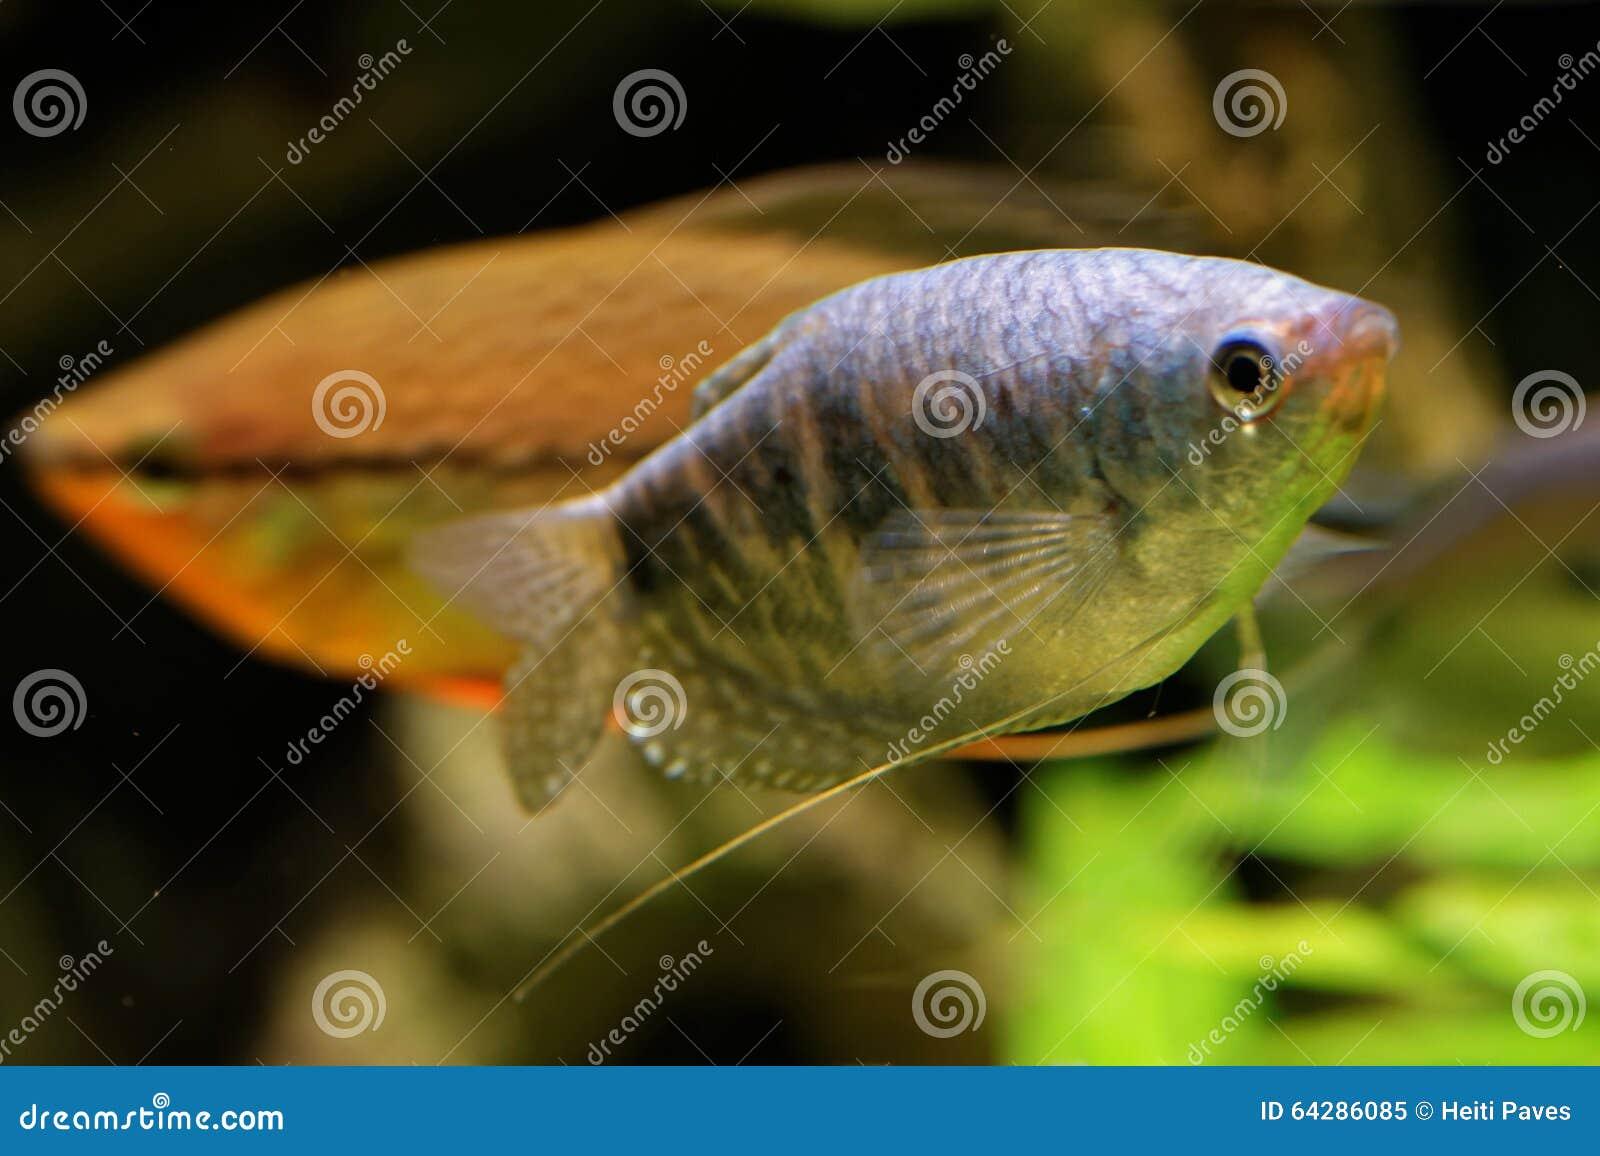 Pesce angelo d 39 acqua dolce immagine stock immagine di for Pesce pulitore acqua dolce